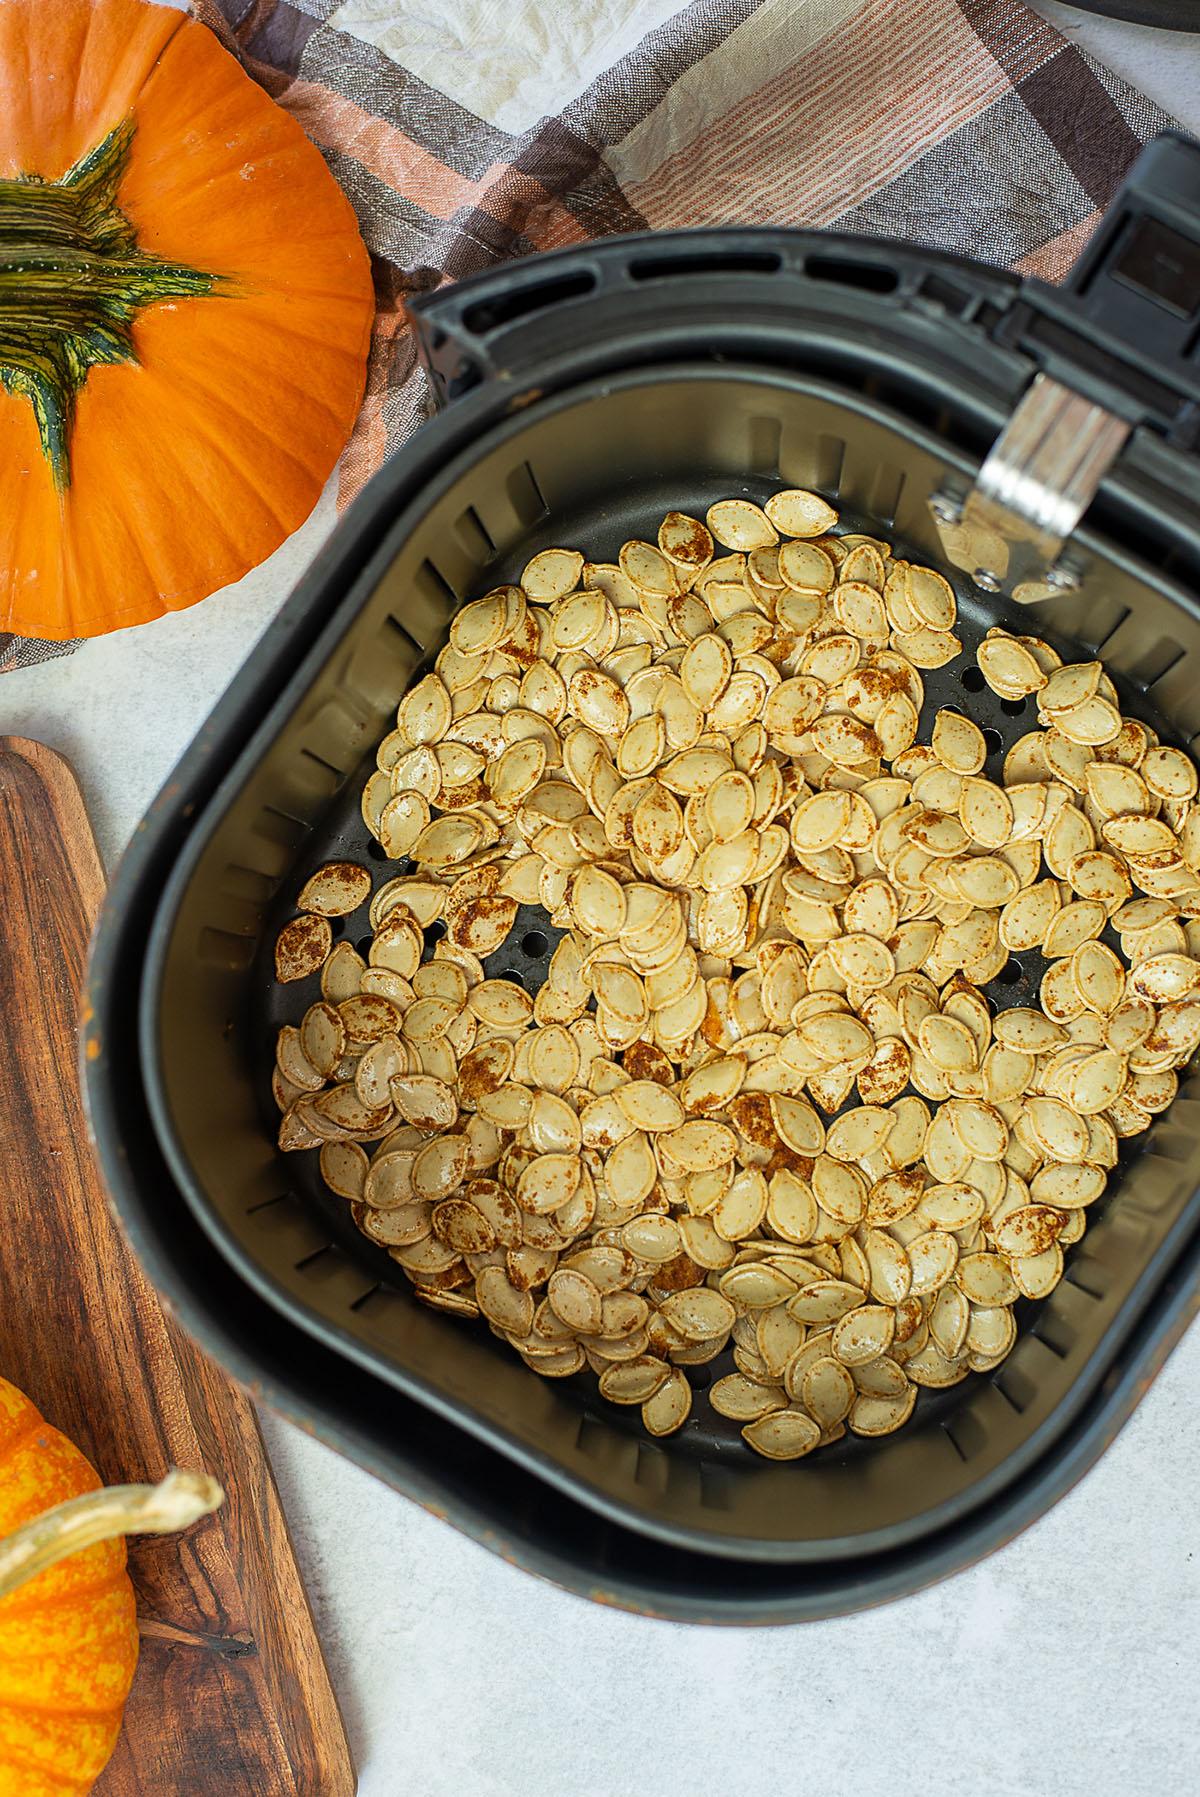 Cooked pumpkin seeds in an air fryer